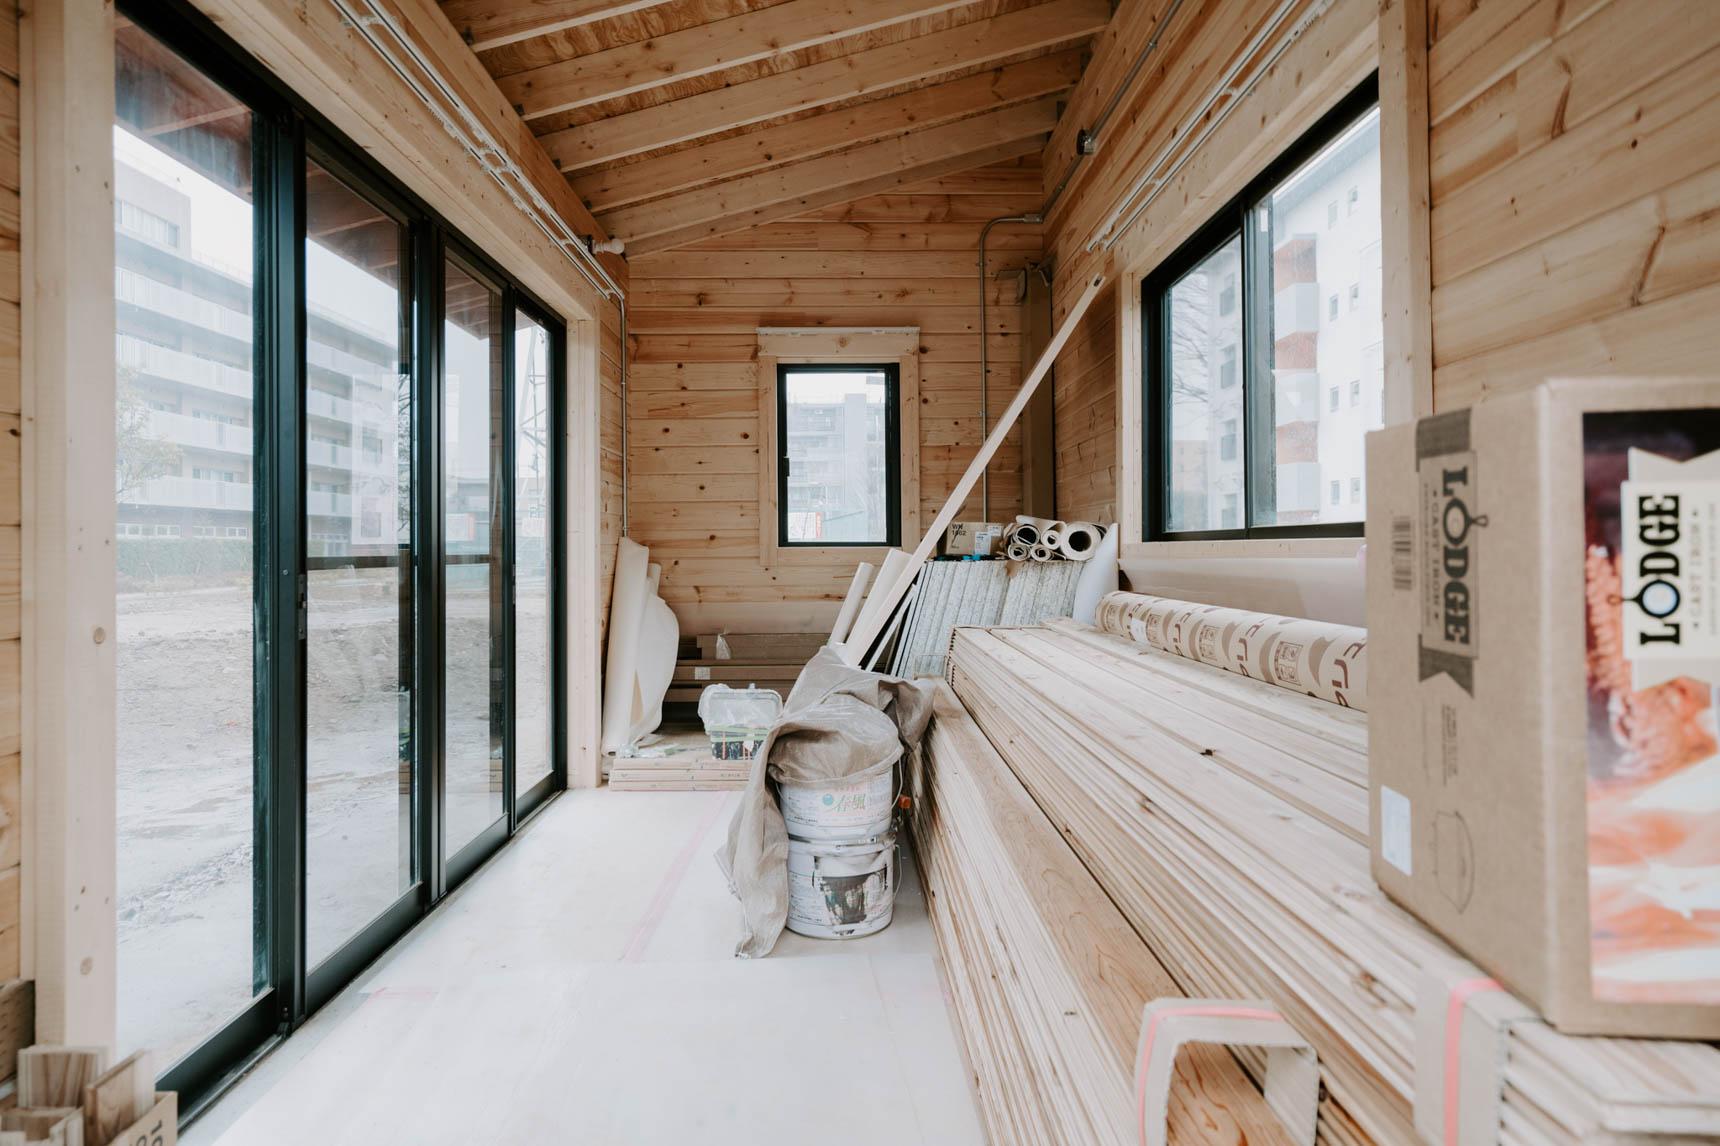 さらに、共用部には入居者さんみんなで共有する「ログハウス」があるのですが、現在、リノベーション工事の際に余った床材や塗料が格納されています。早い者勝ちでDIYに活用可能とのこと。これは急がなくちゃ!